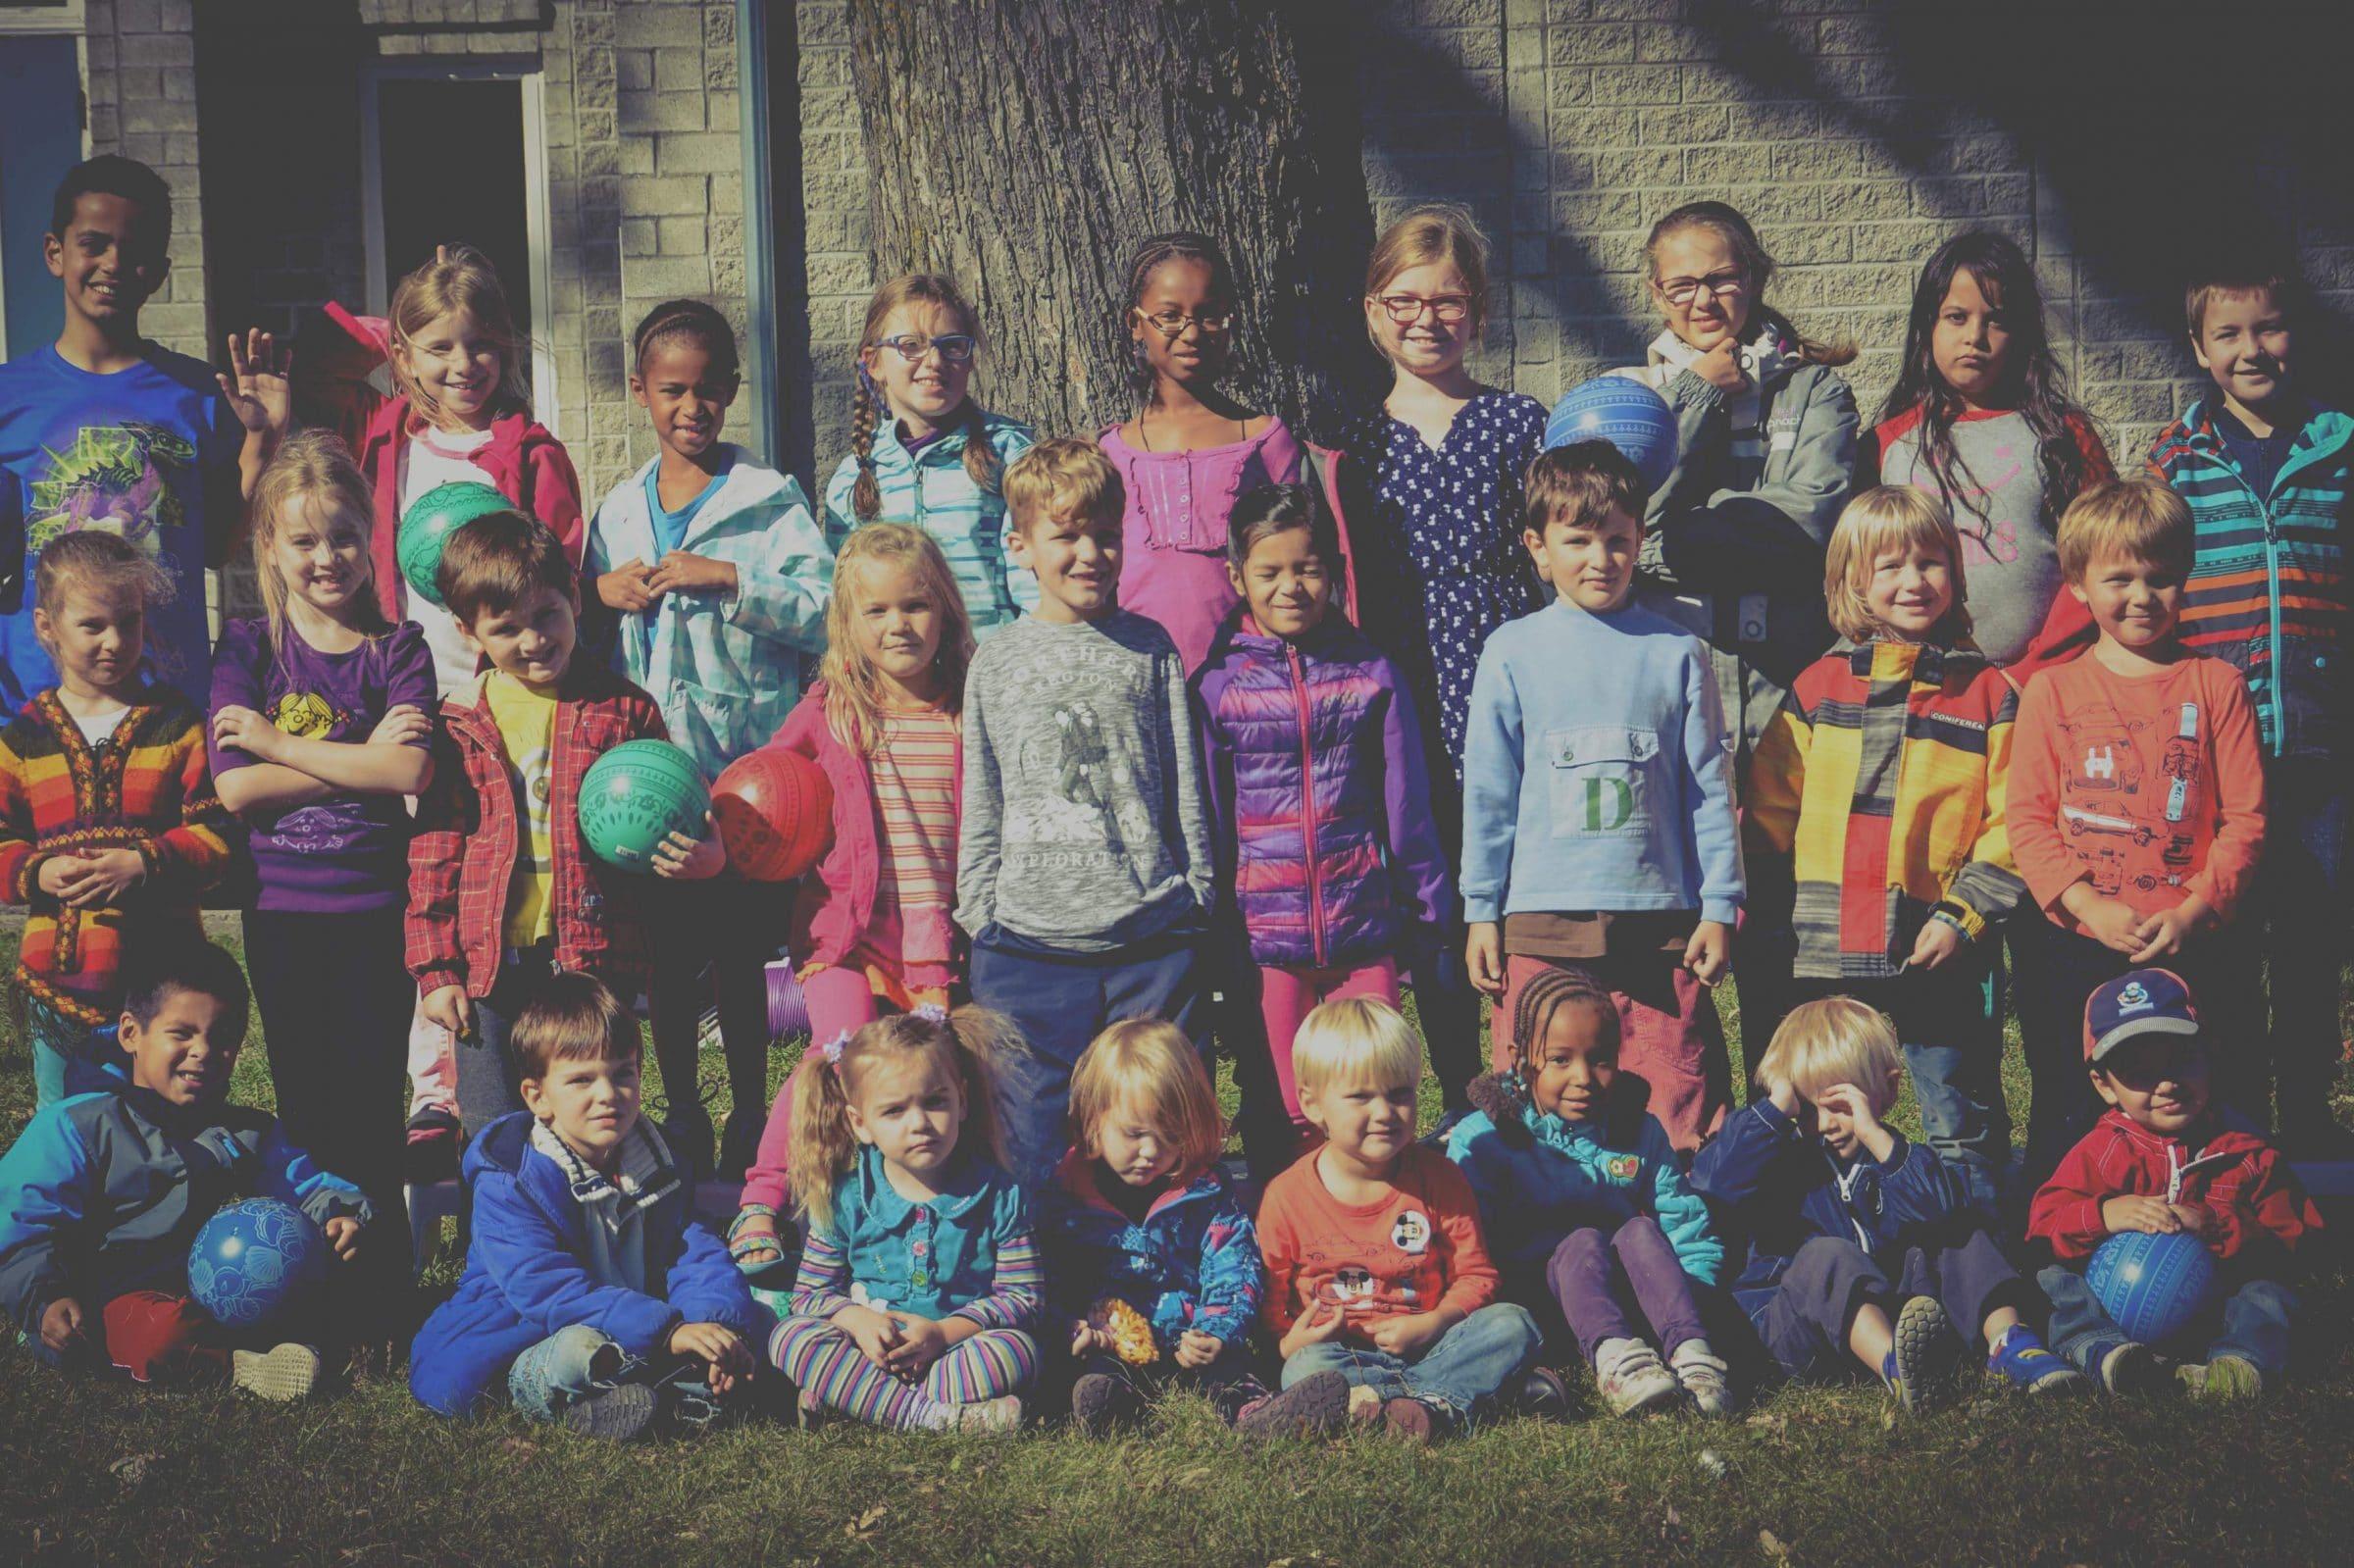 Ex Corde Schola réseau catholique d'instruction en famille